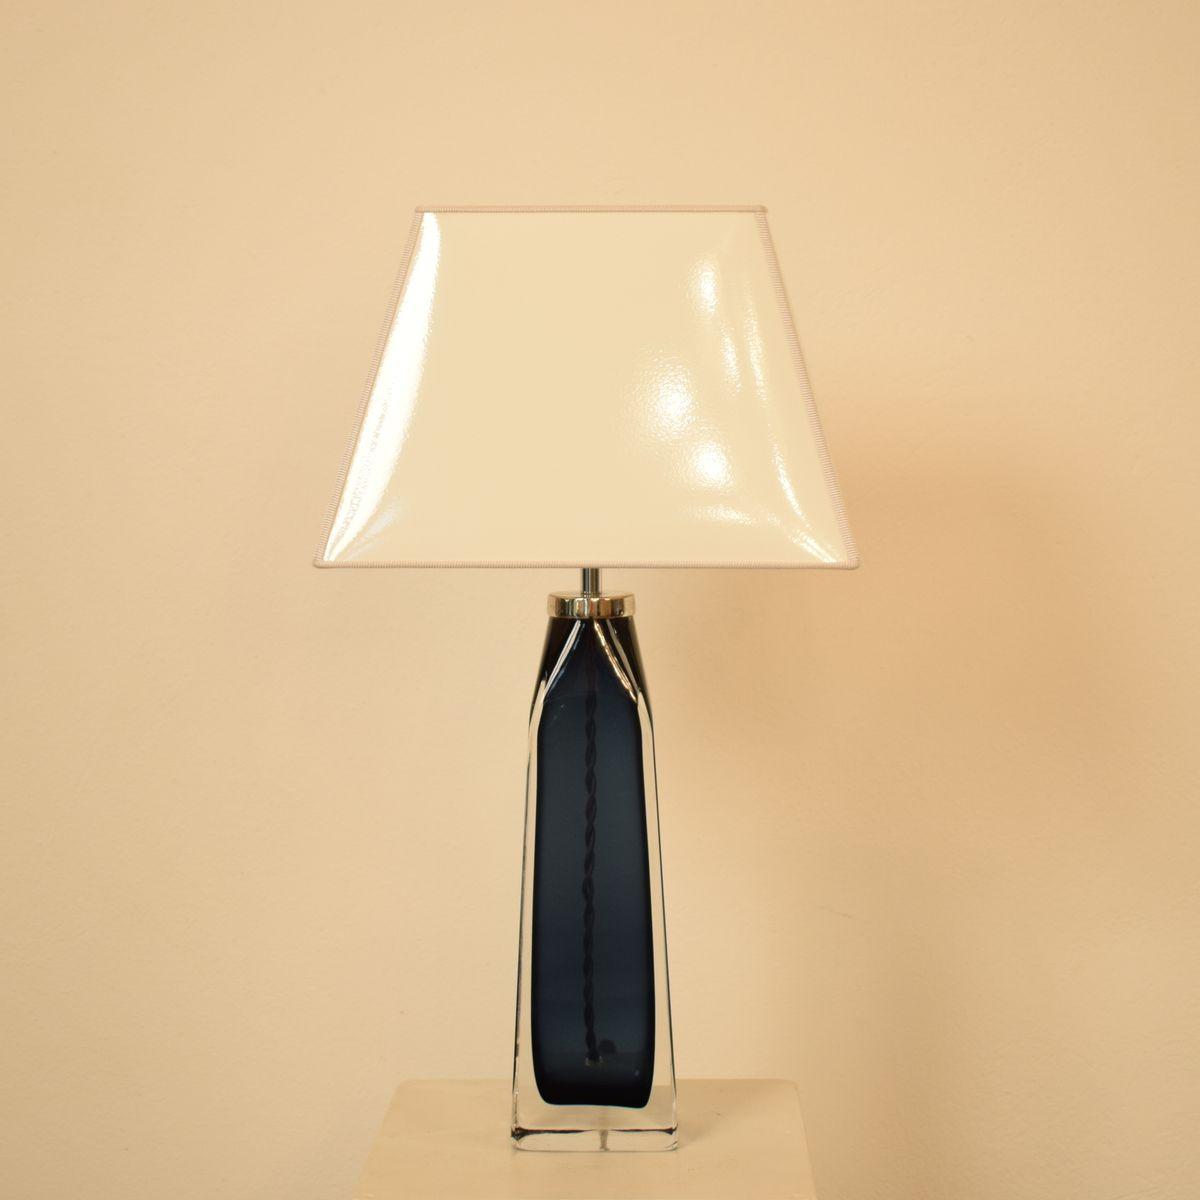 Blaue mid century kristallglas lampen von carl fagerlund for Lampen niederlande